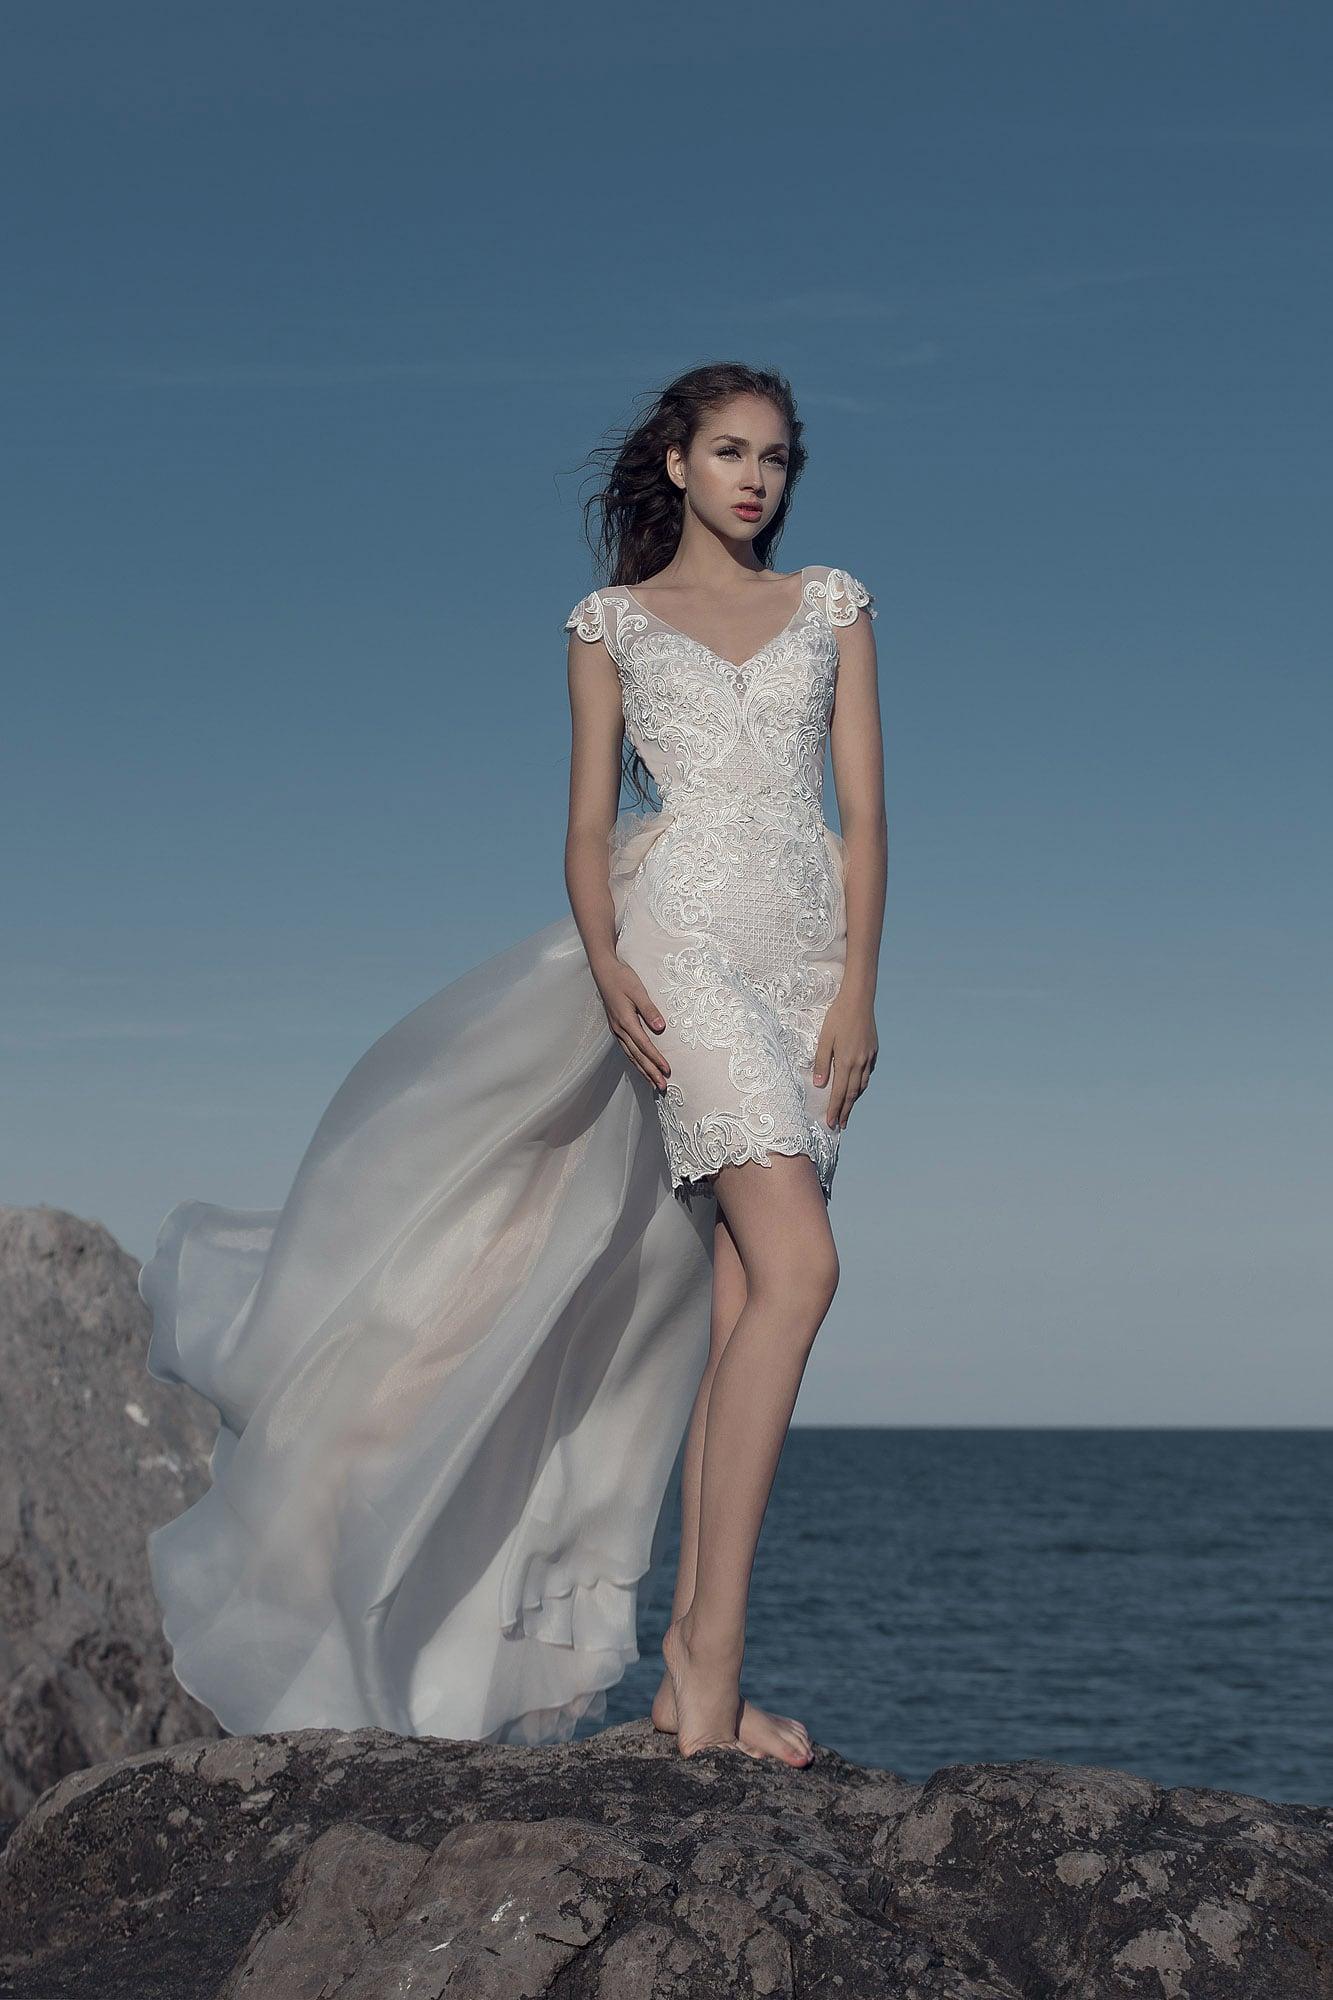 Короткое свадебное платье с бежевой подкладкой и коротким рукавом.